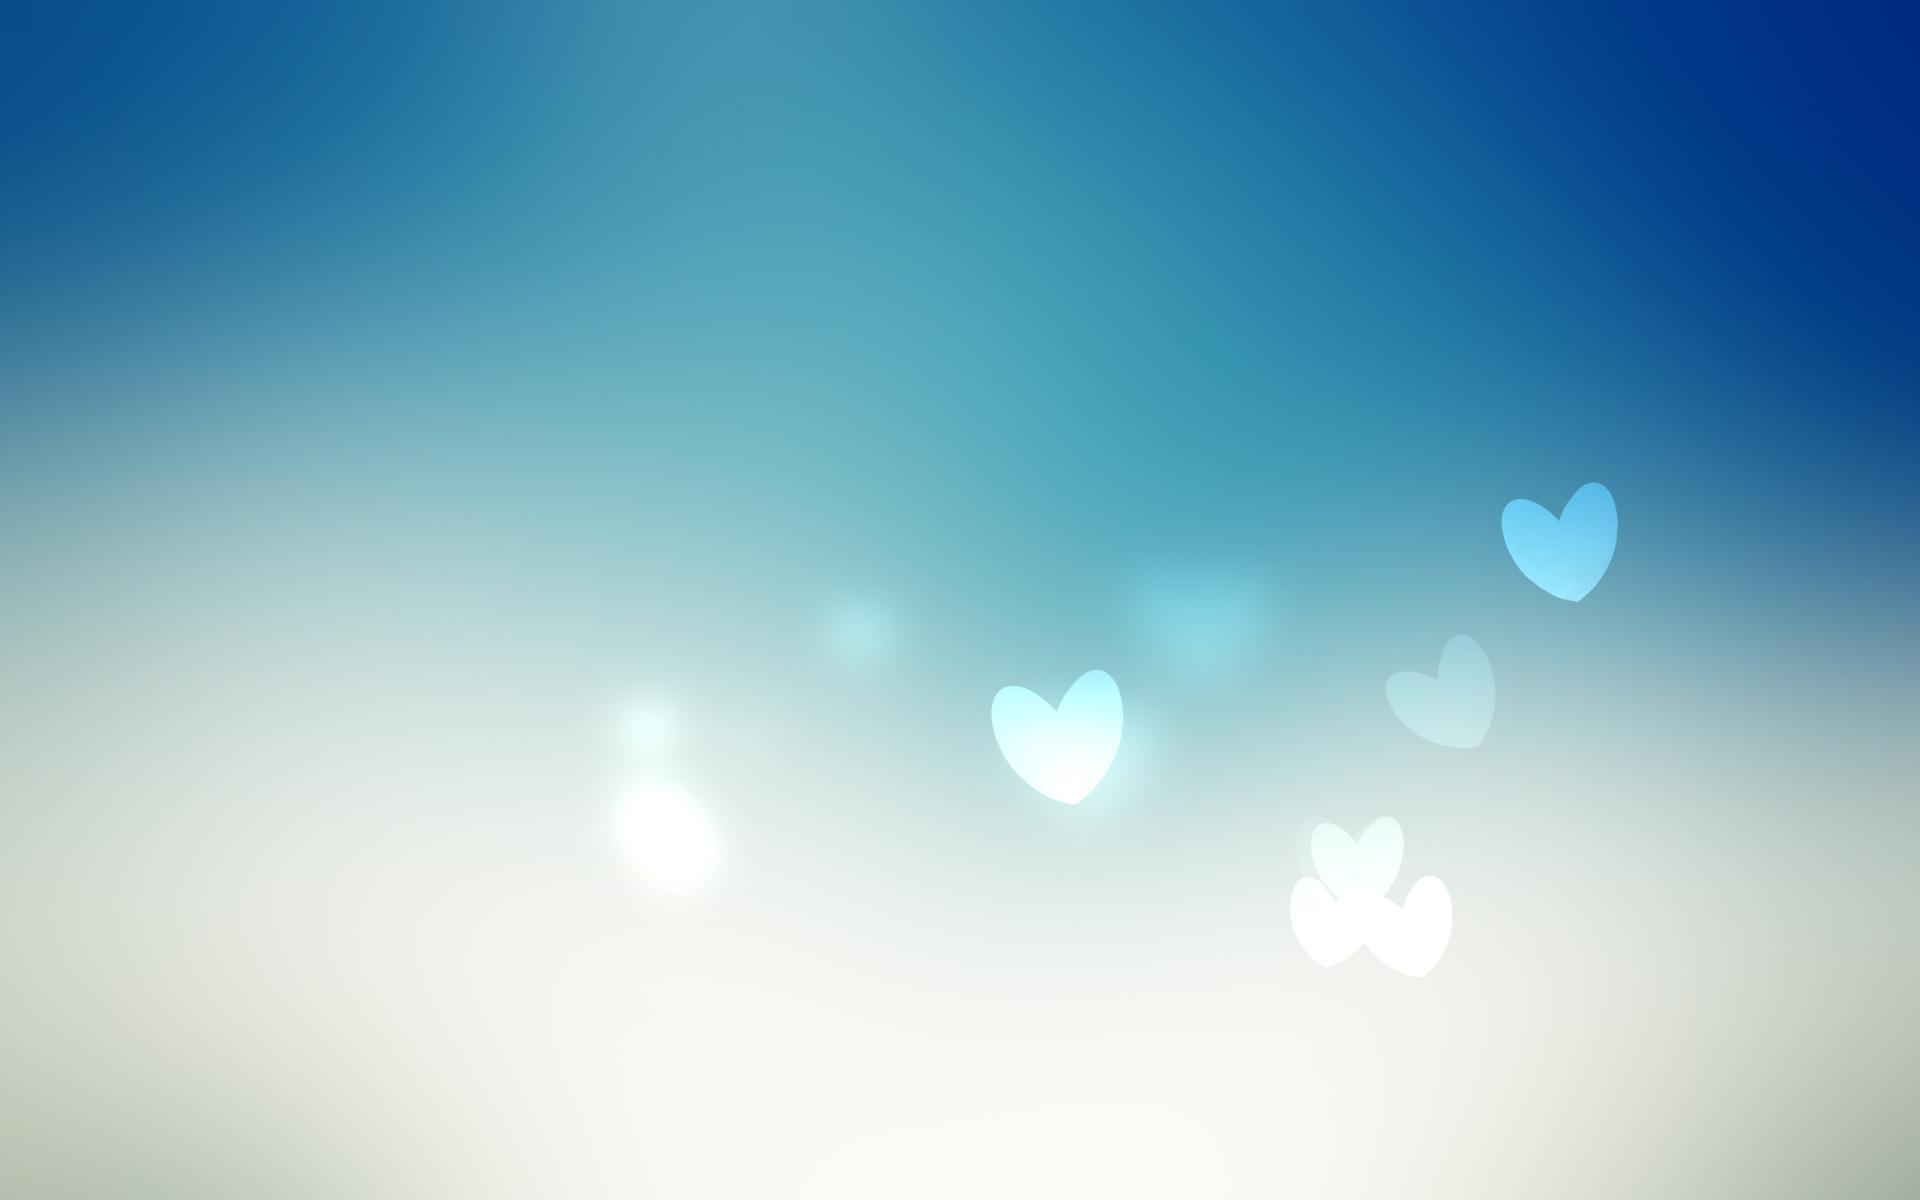 Sweet Heart Wallpaper By Invhizible